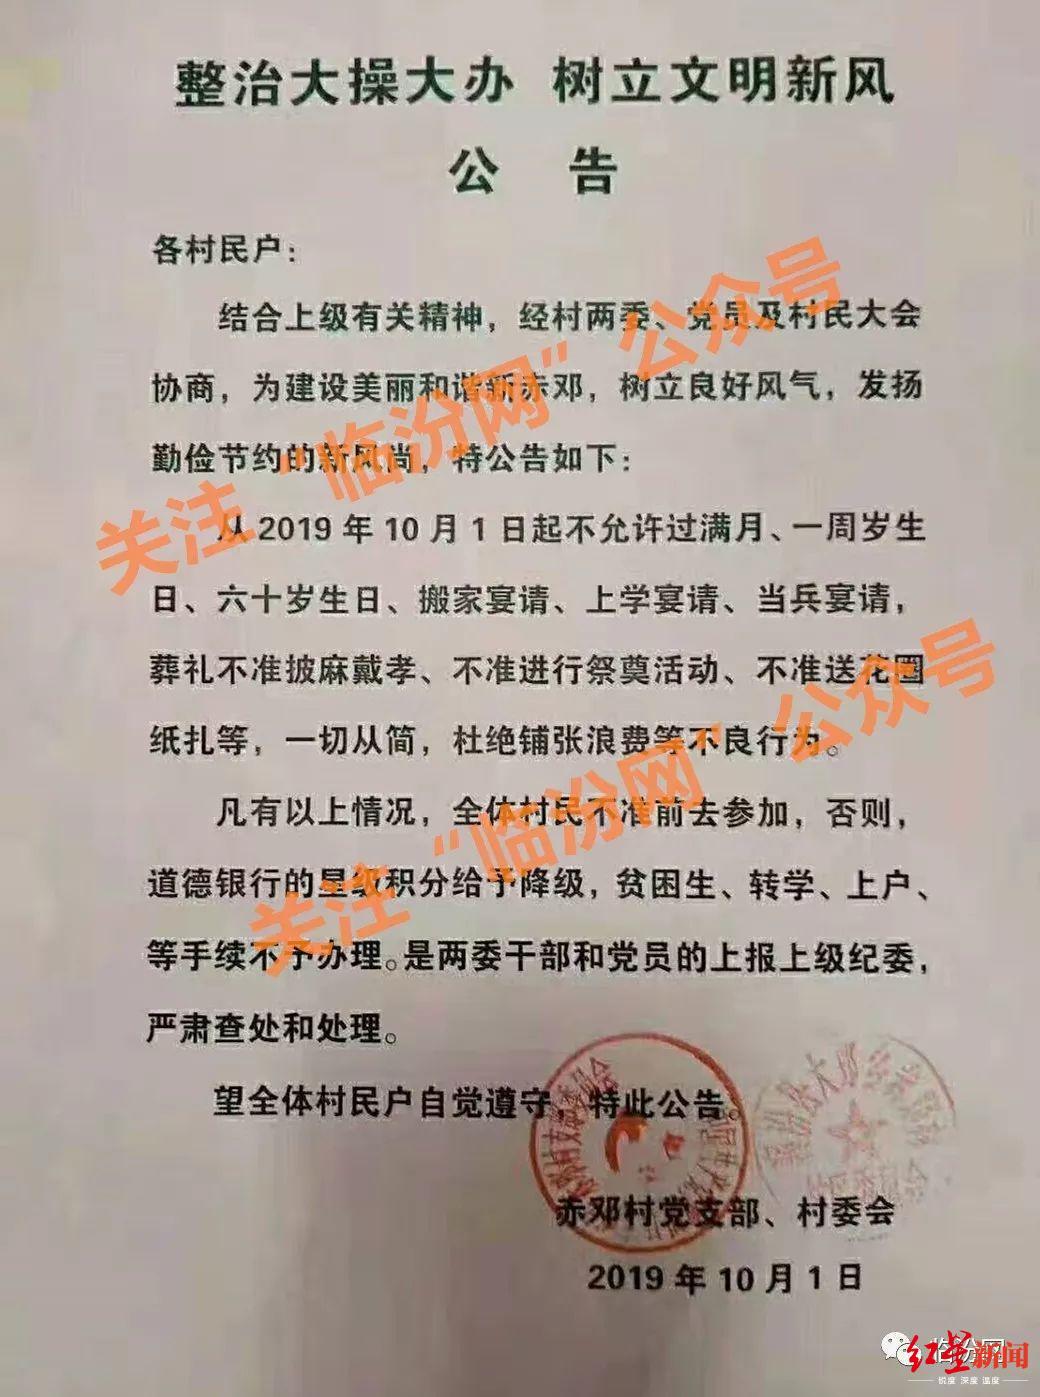 赤邓村此公告已停止执行